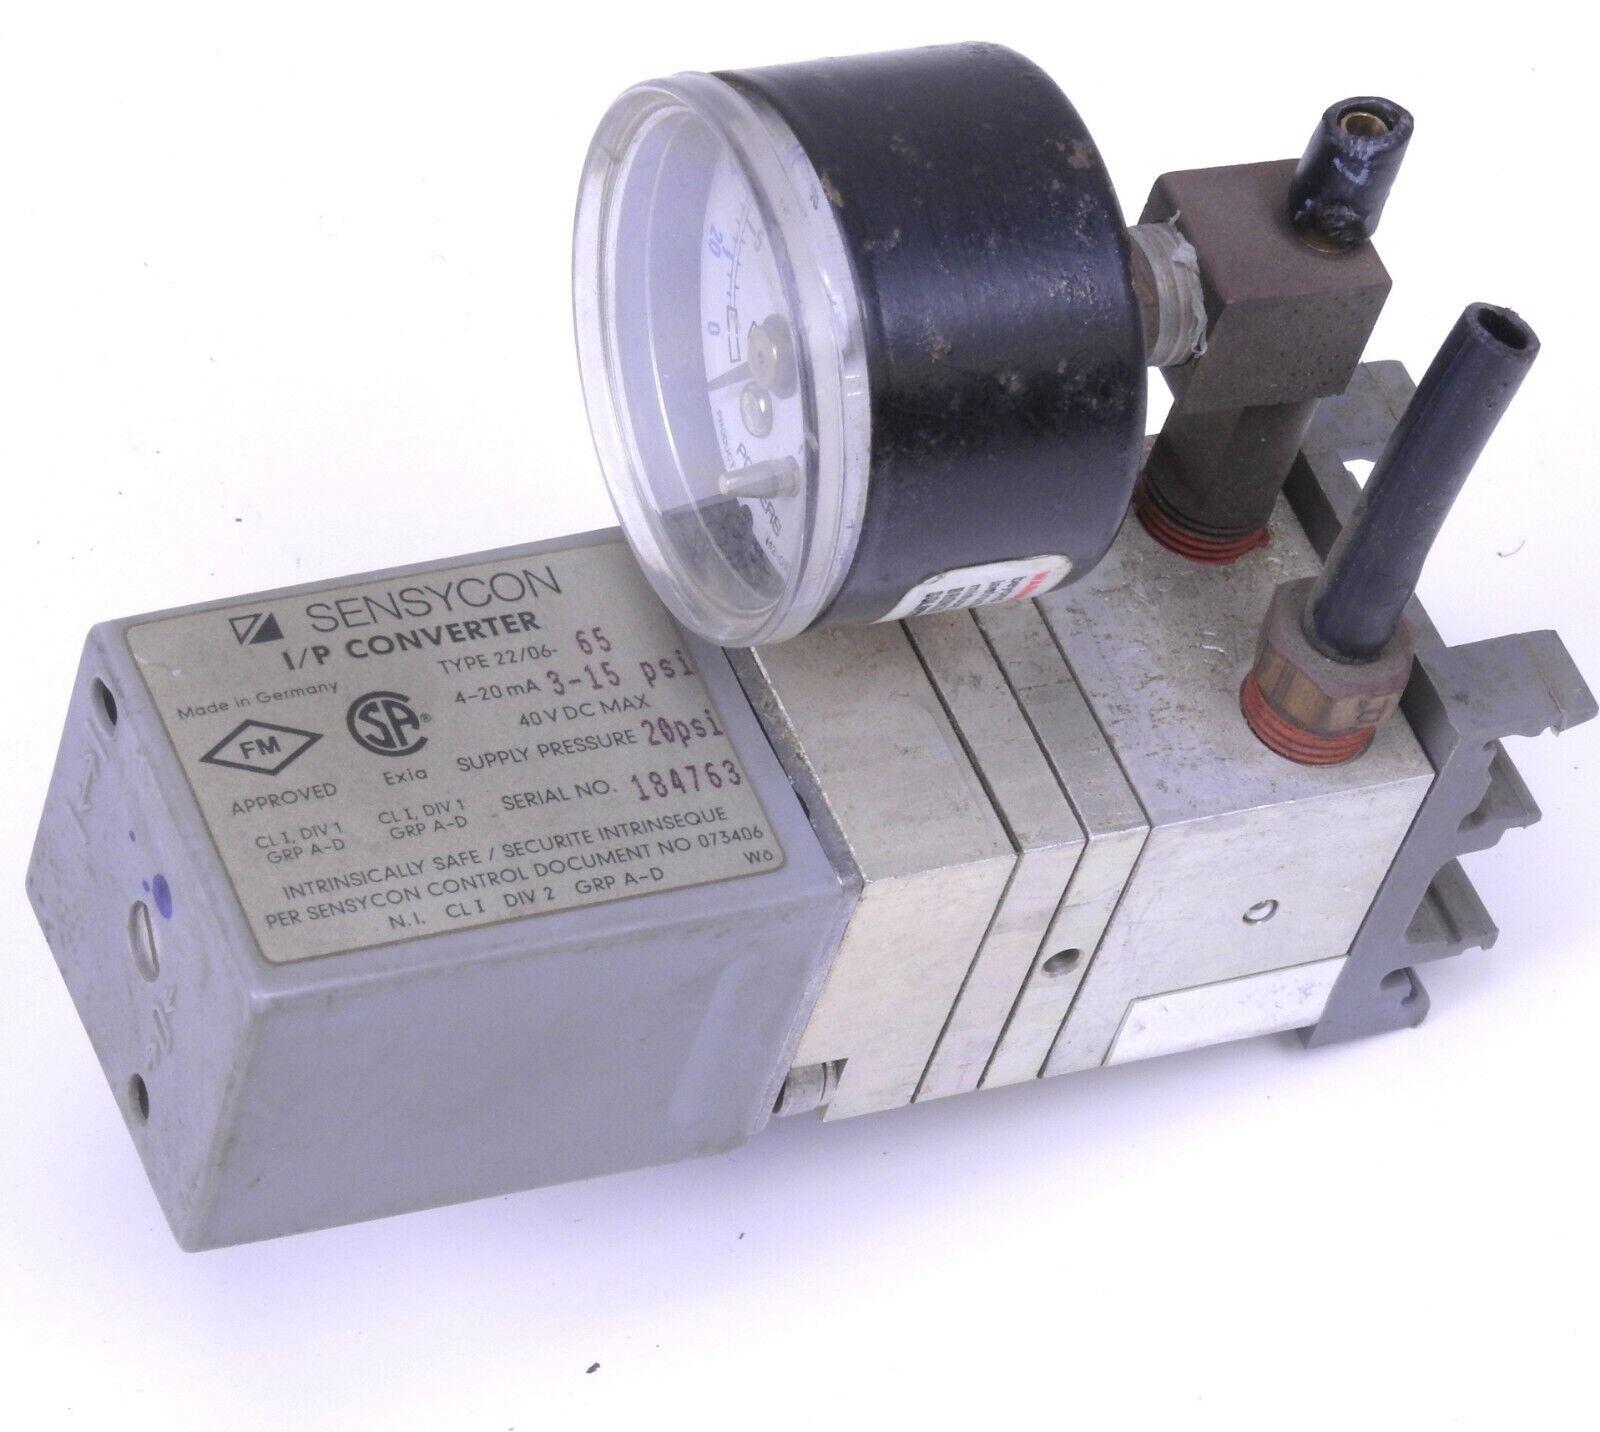 ABB Sensycon I/P Converter